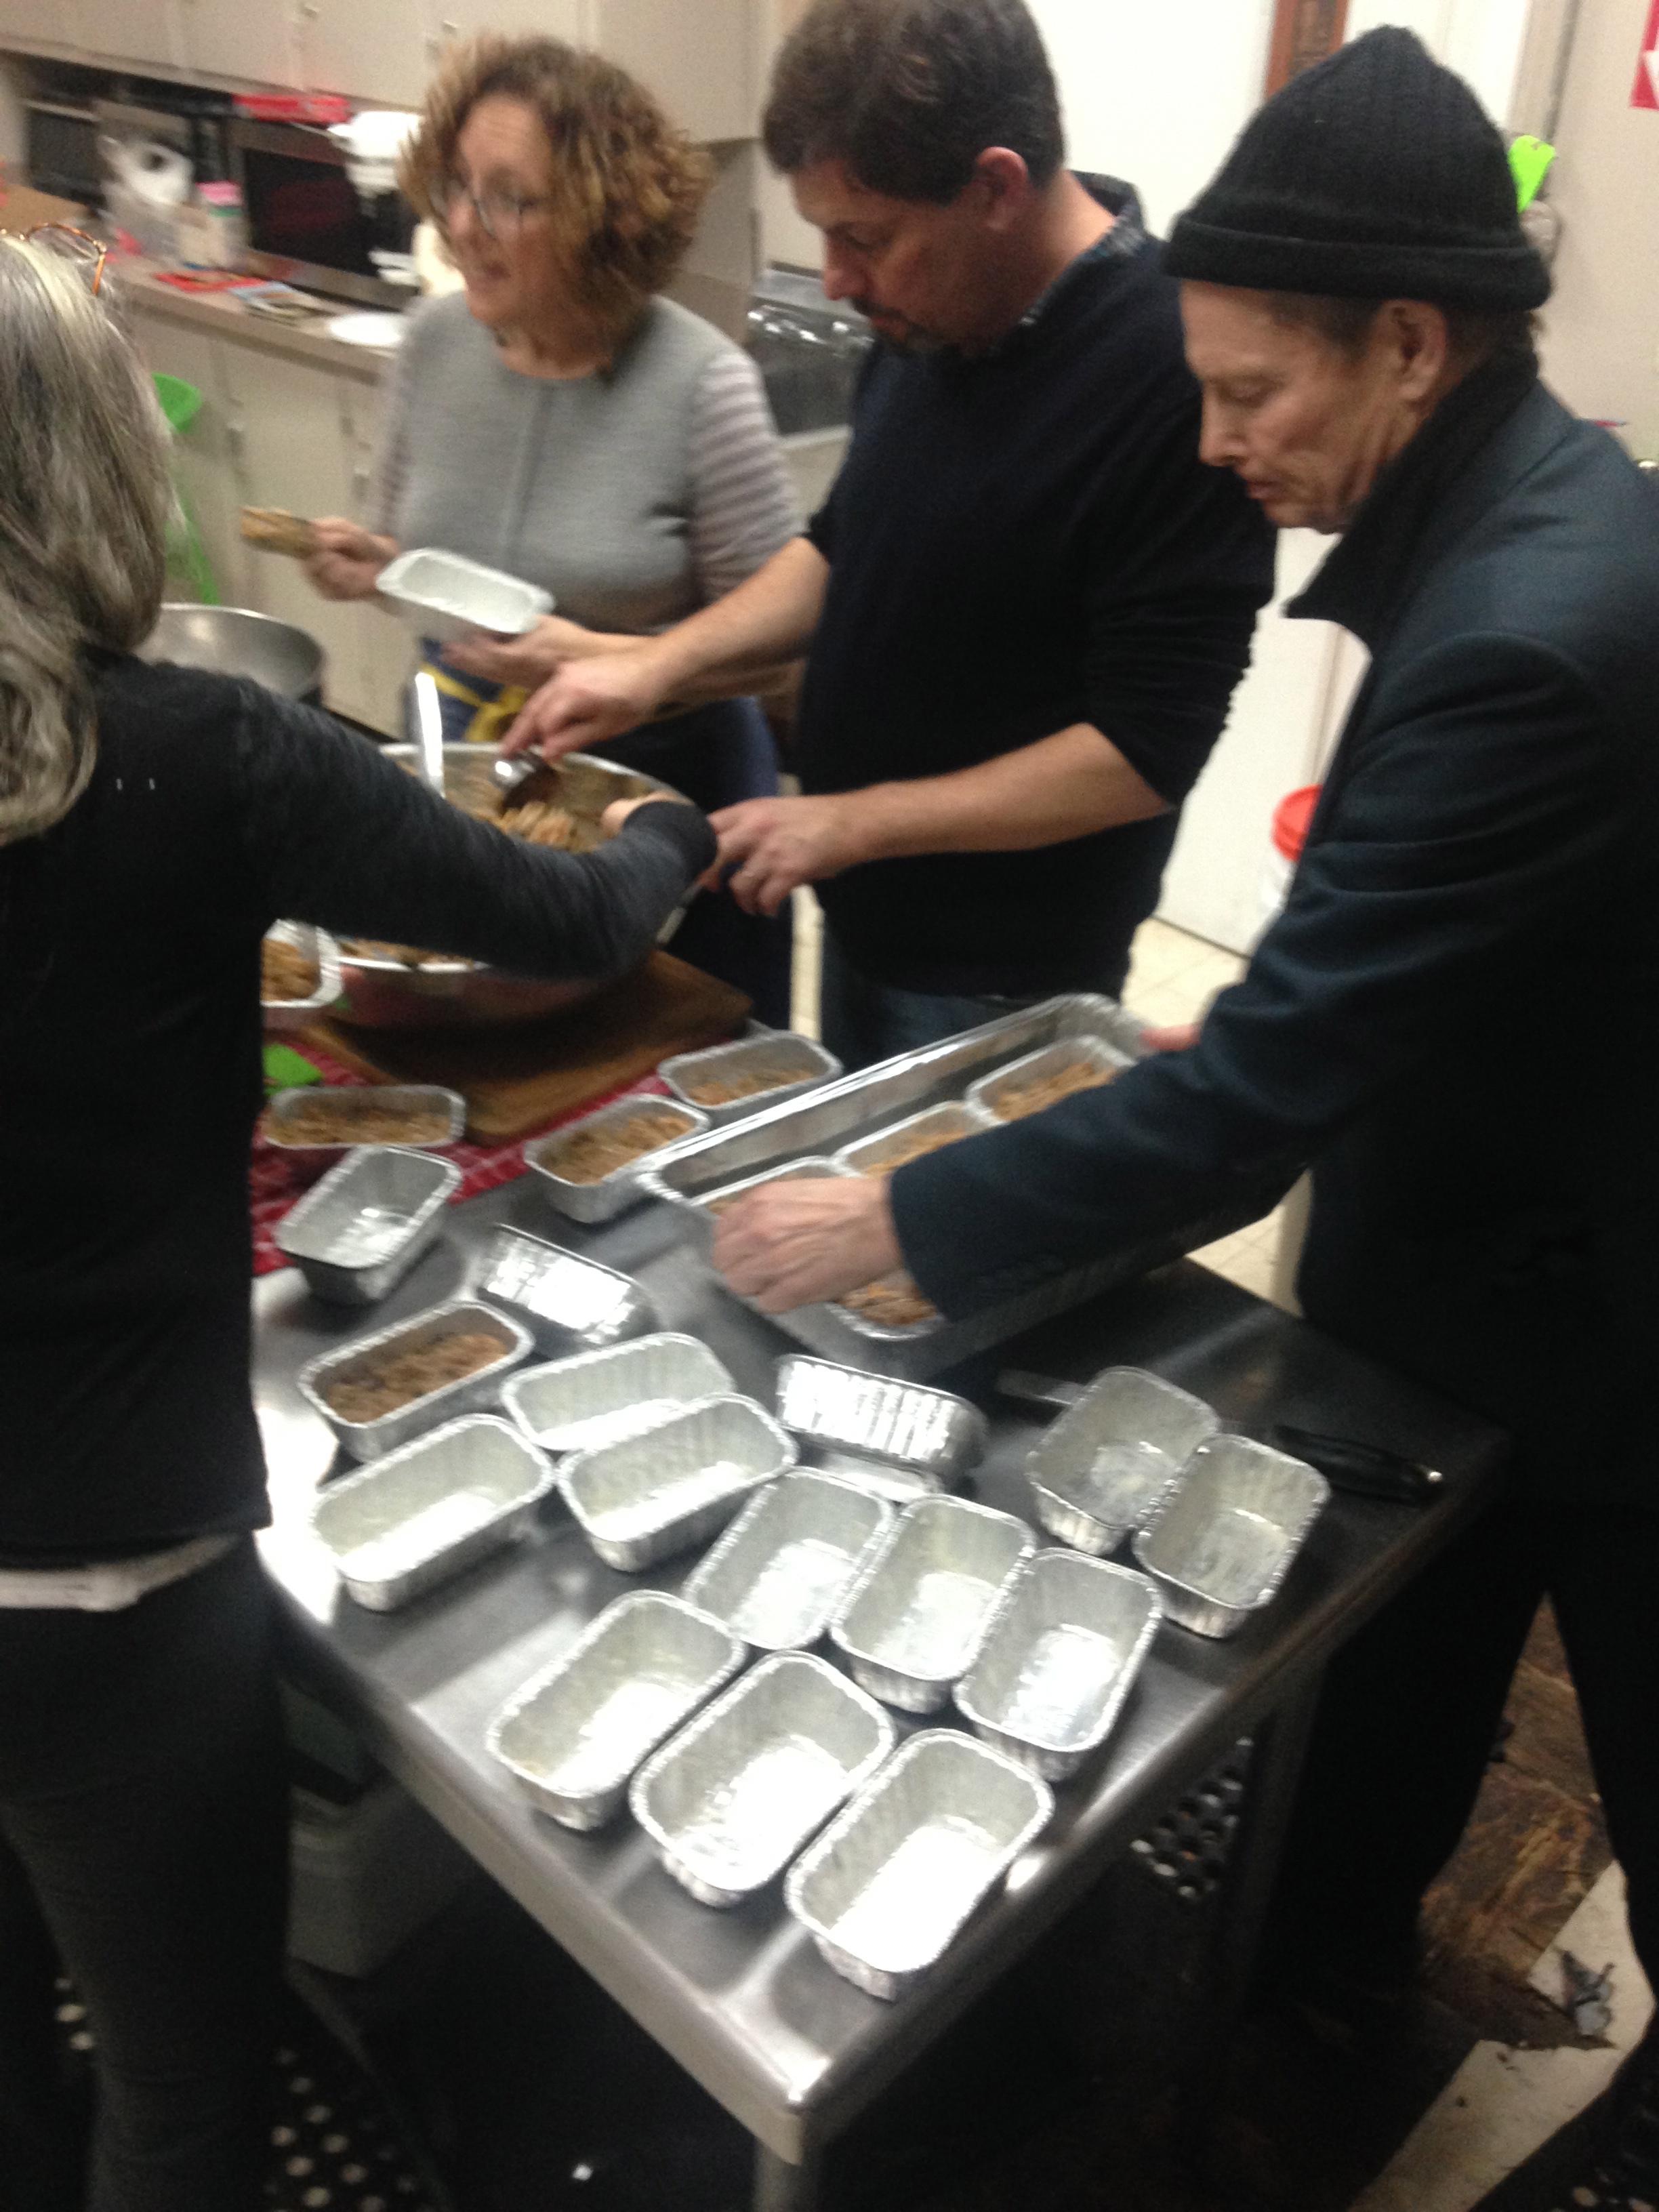 a spontaneous fruitcake assembly line